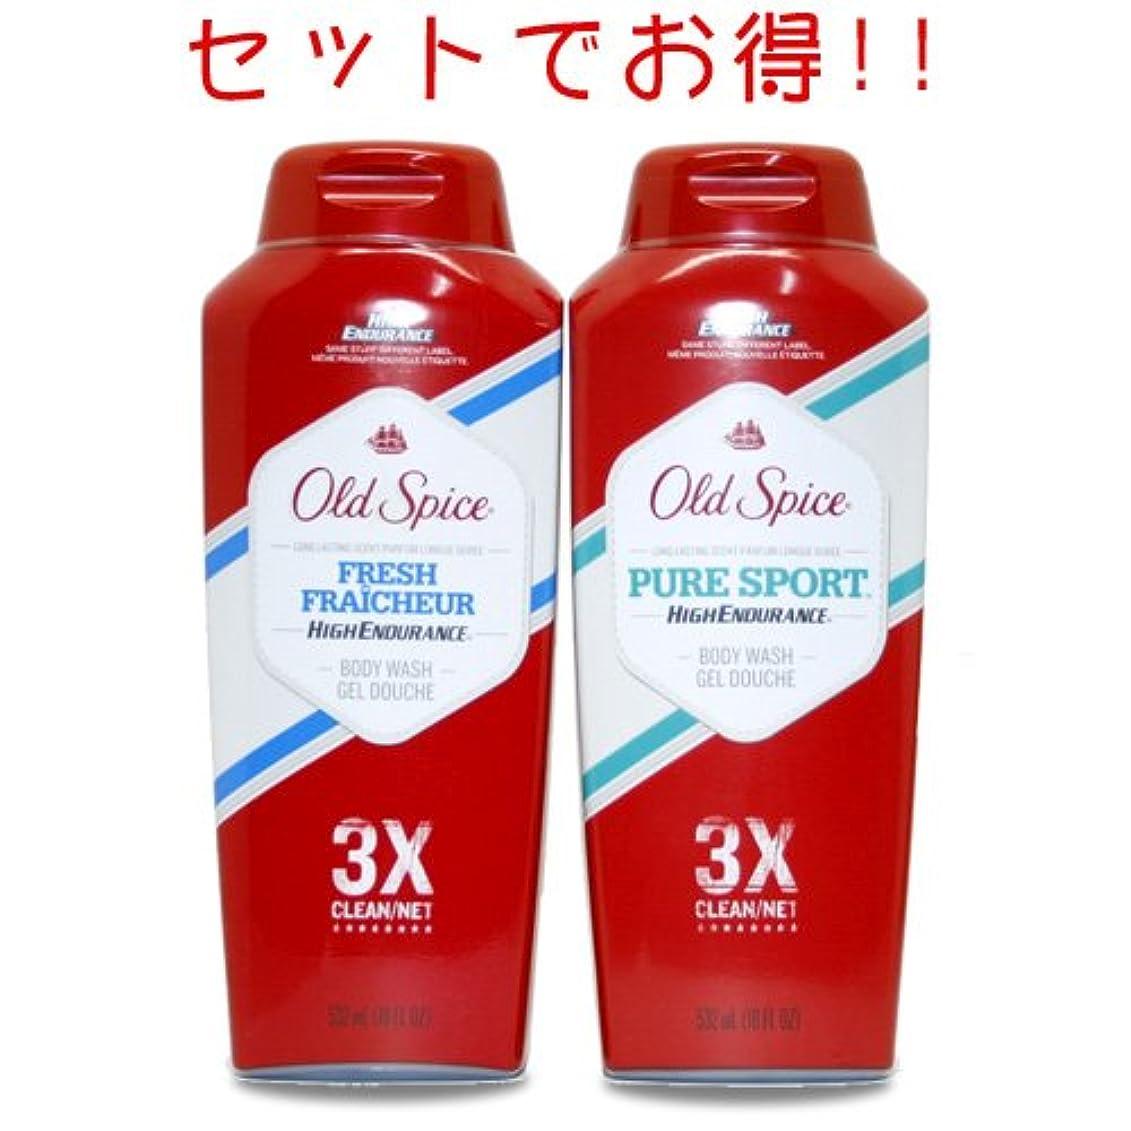 ダイジェスト戦術収穫【Old Spice】オールドスパイス HEボディウォッシュ 532ml お試し2種セット